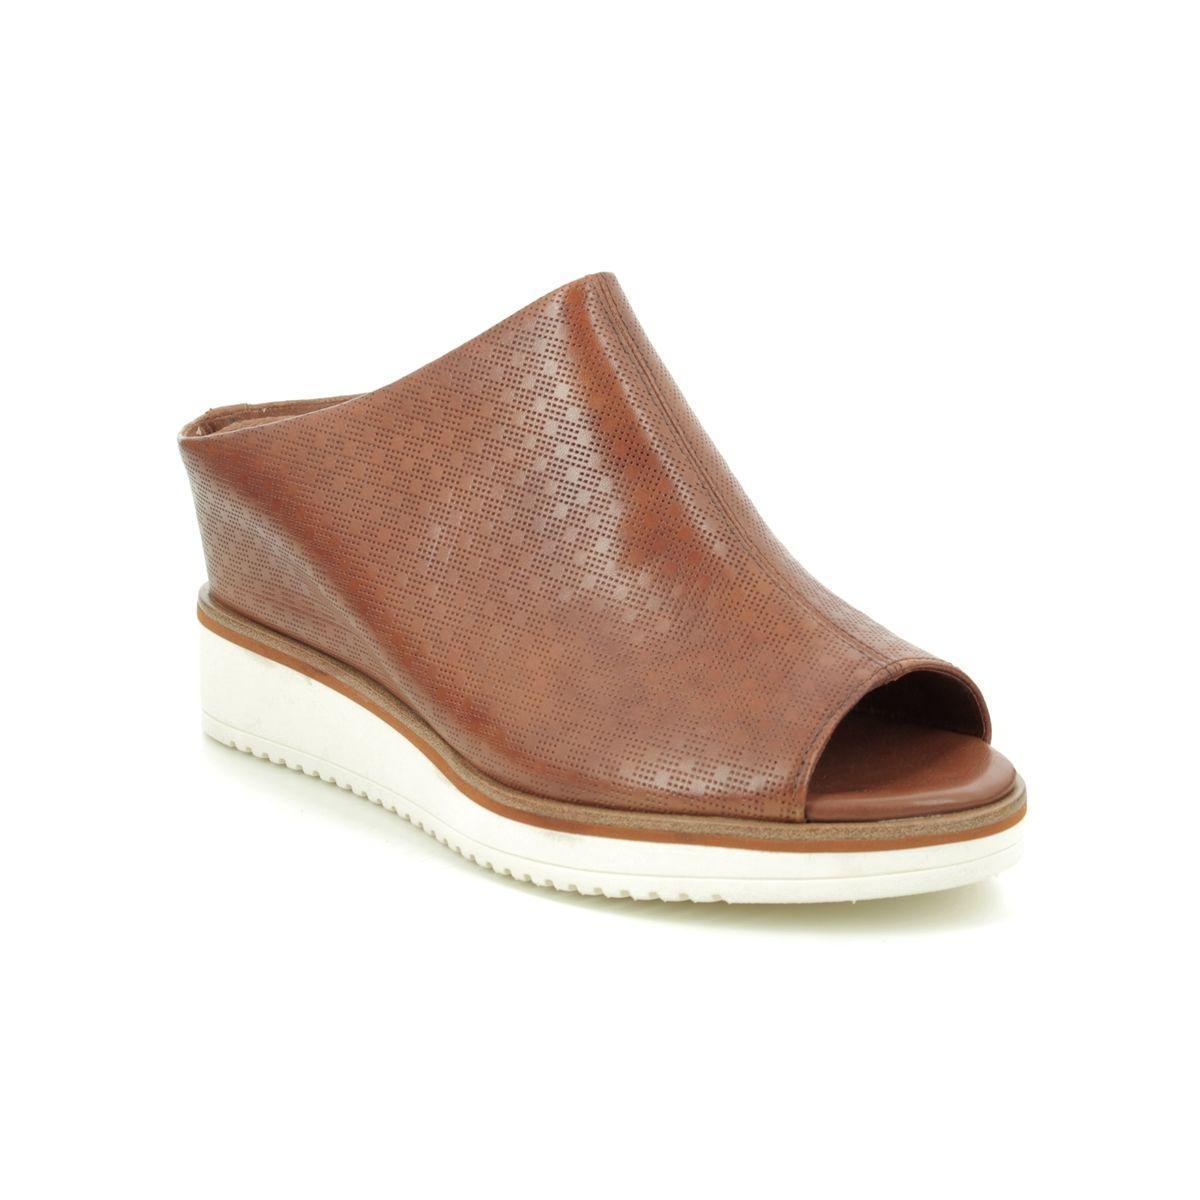 Tamaris Alis 27200-24-444 Tan Leather